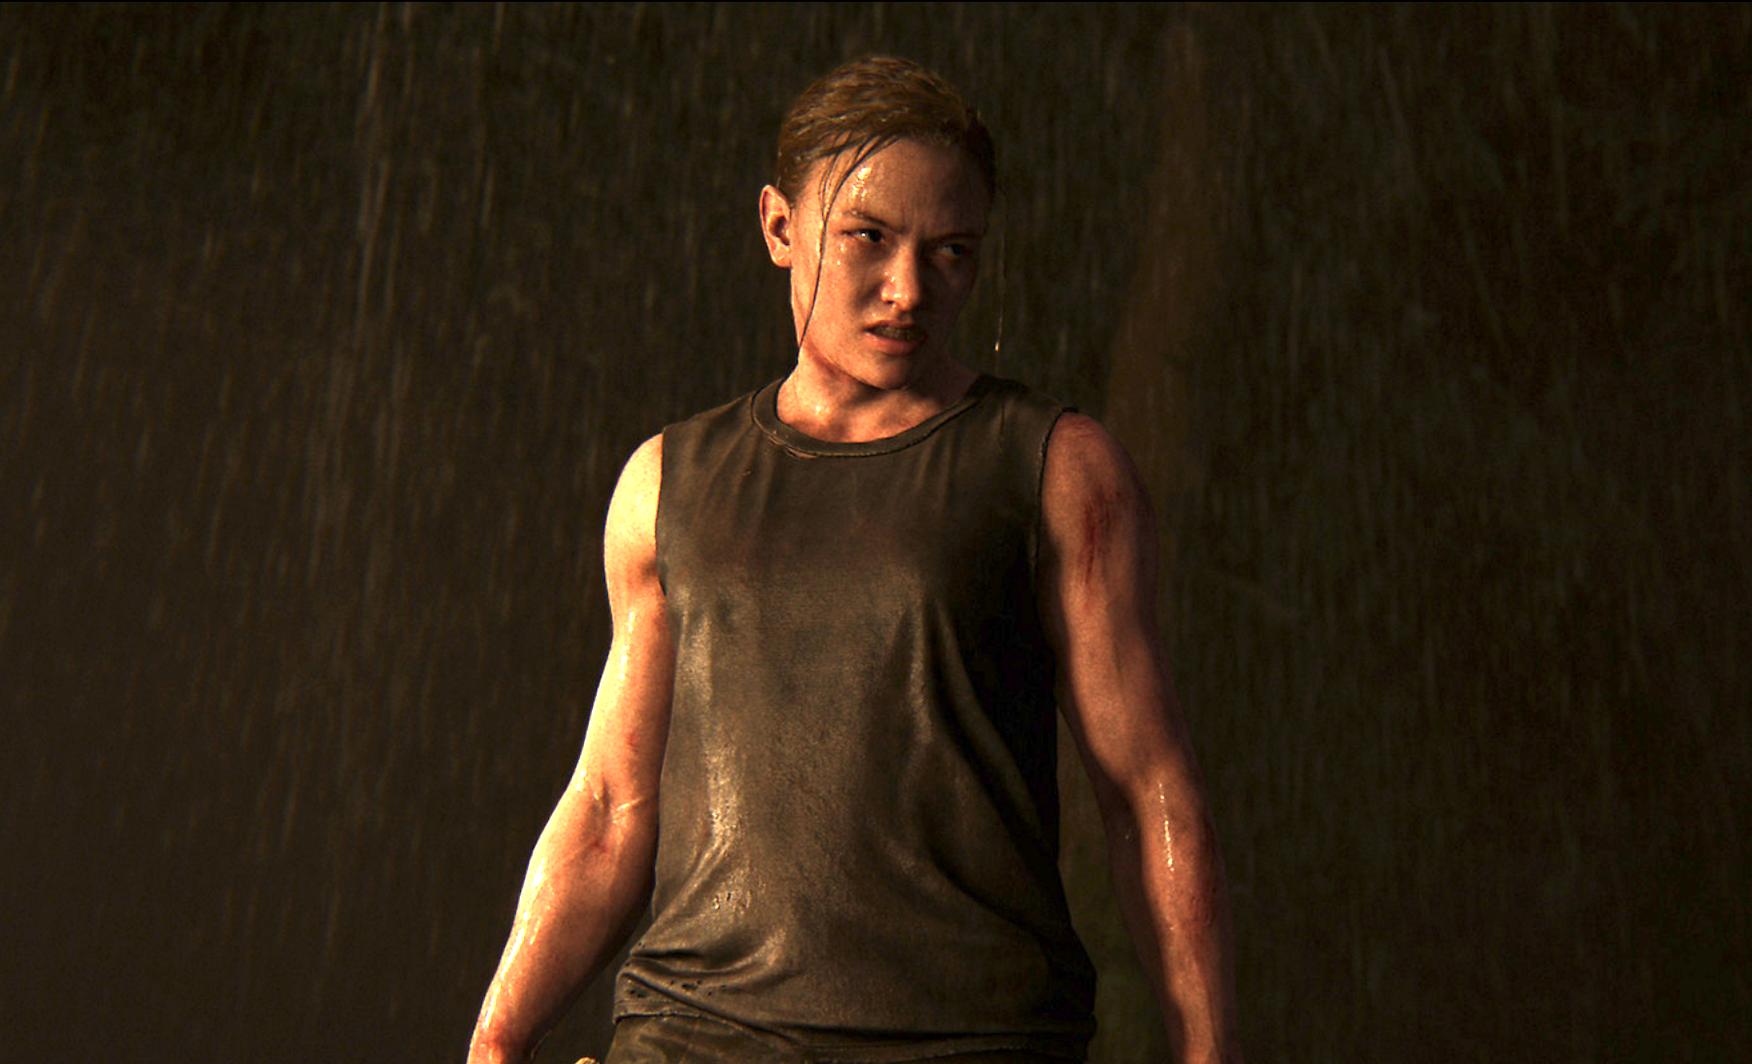 The Last Of Us 2: Abby-Sprecherin erhält schreckliche Morddrohungen